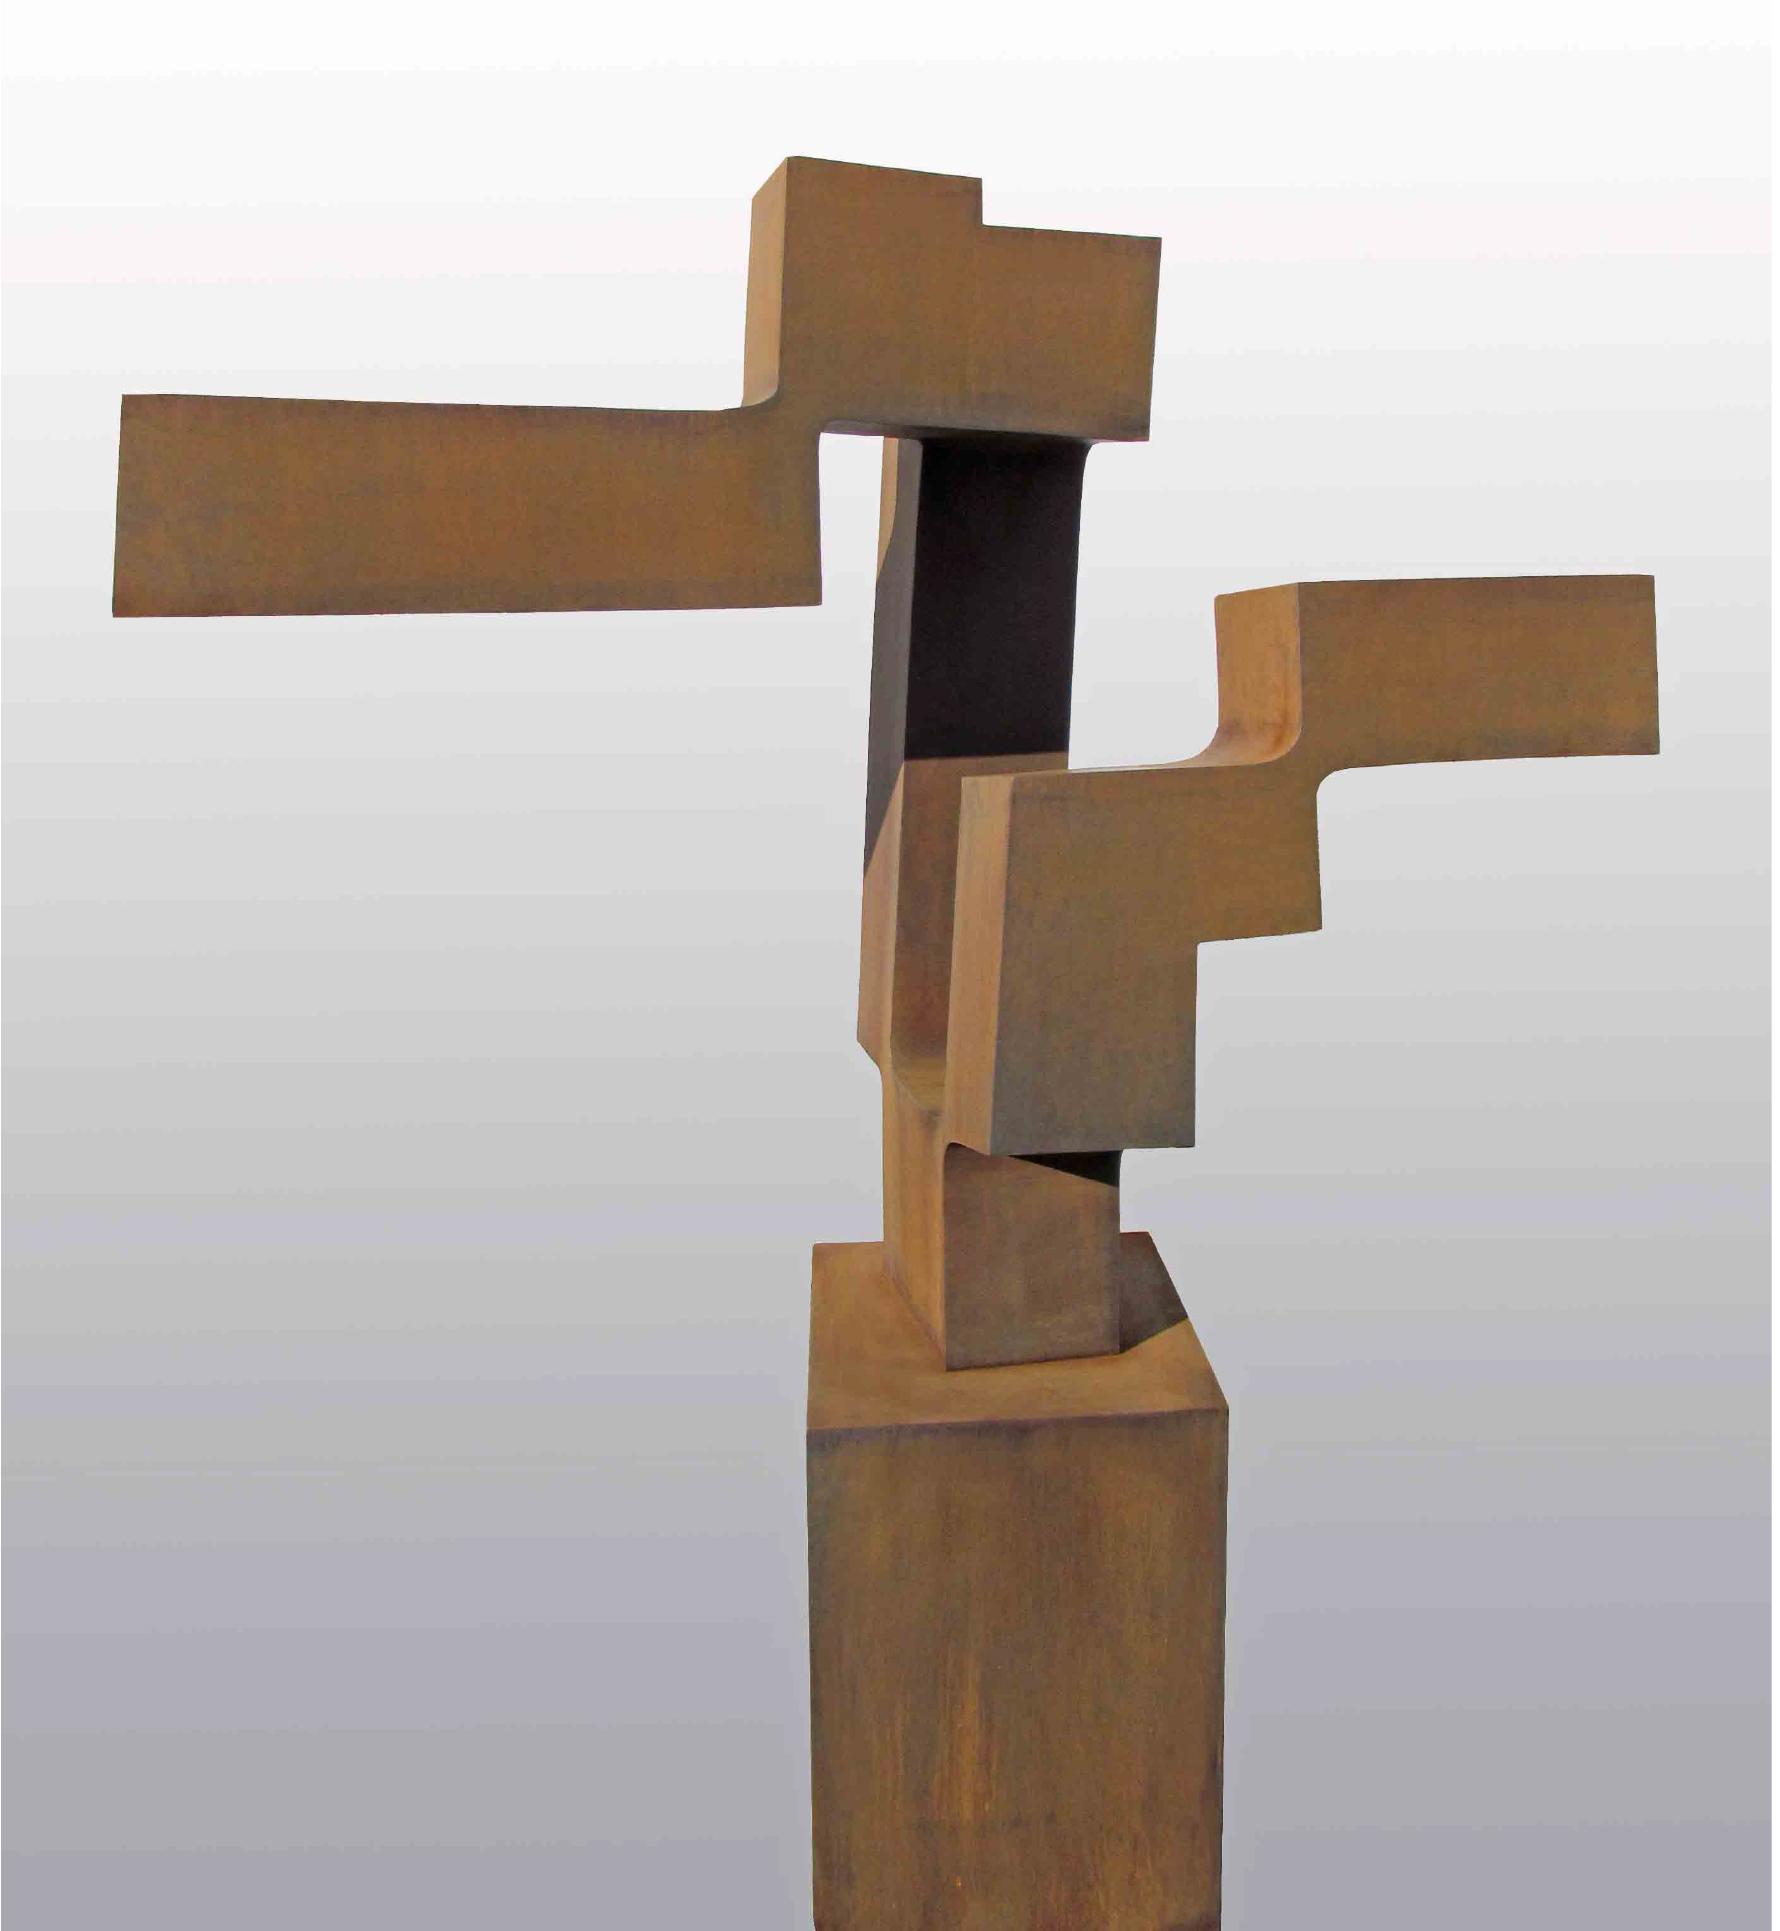 <strong> Carlos Albert</strong> Light, 146 x 117 x 46cm Acero Corten Pieza Unica, año 2014